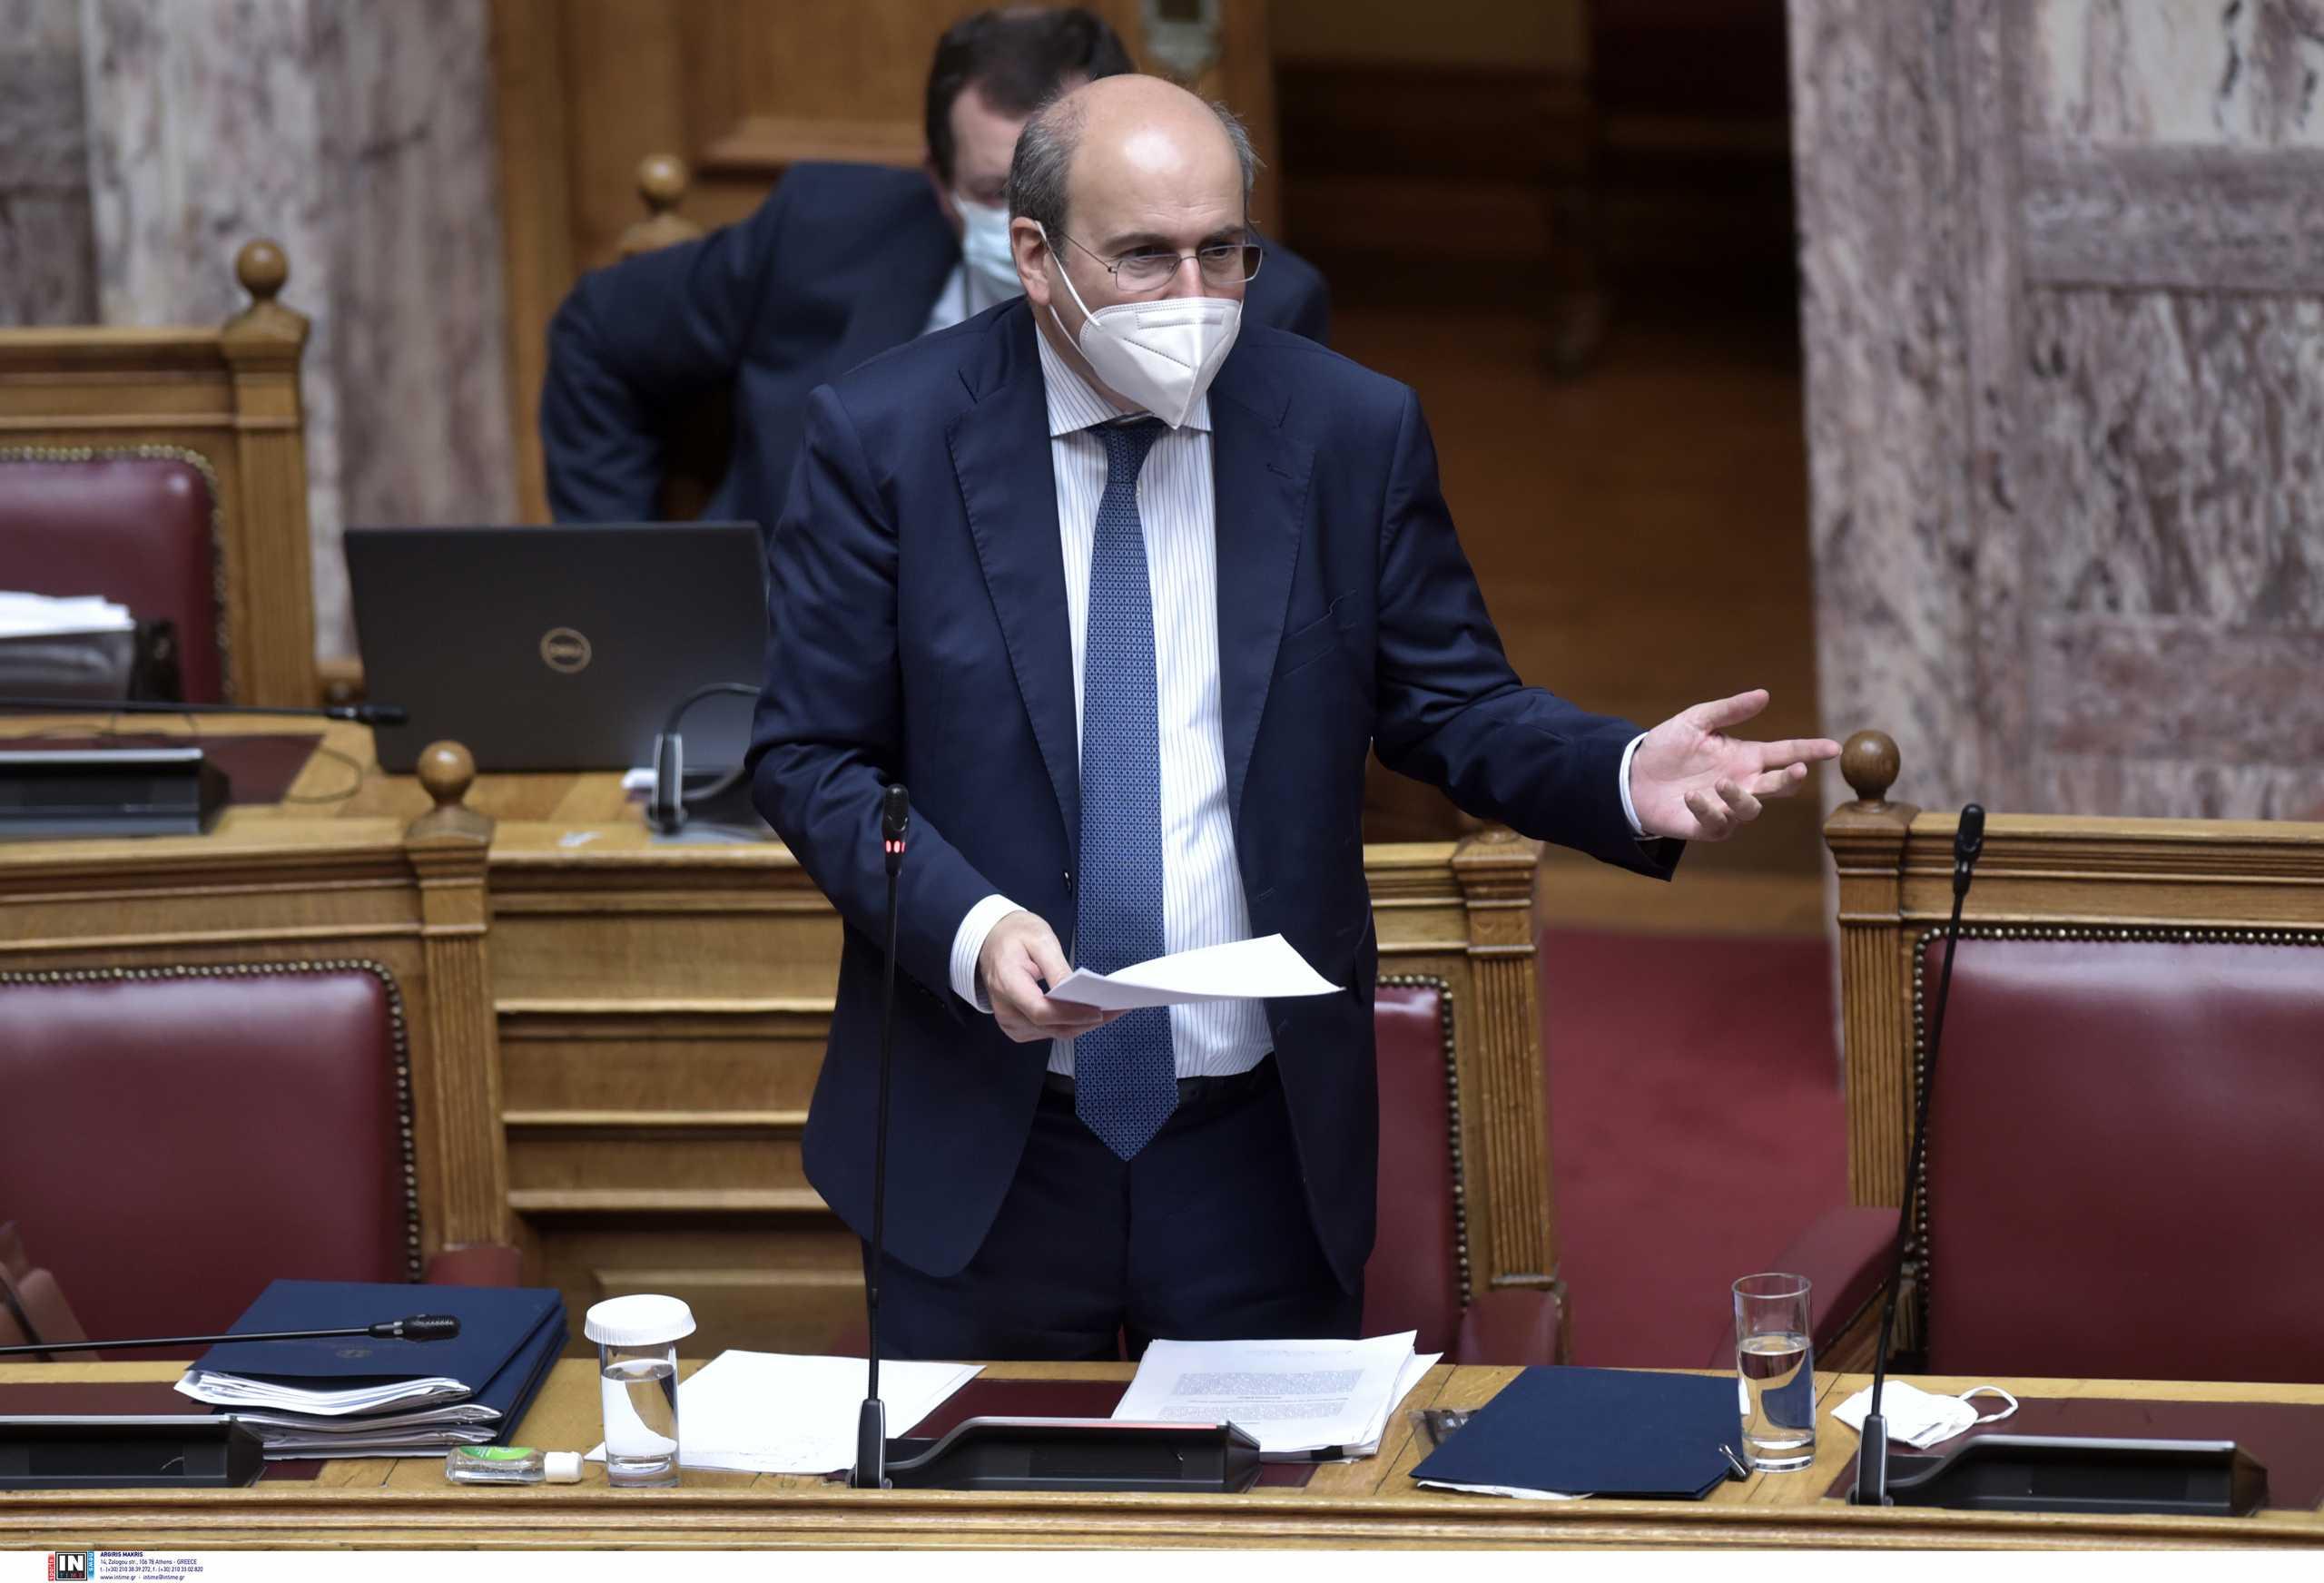 Χατζηδάκης: Περιμένουμε εξηγήσεις από τον ΣΥΡΙΖΑ γι΄ αυτό το ρεσιτάλ πολιτικής υποκρισίας